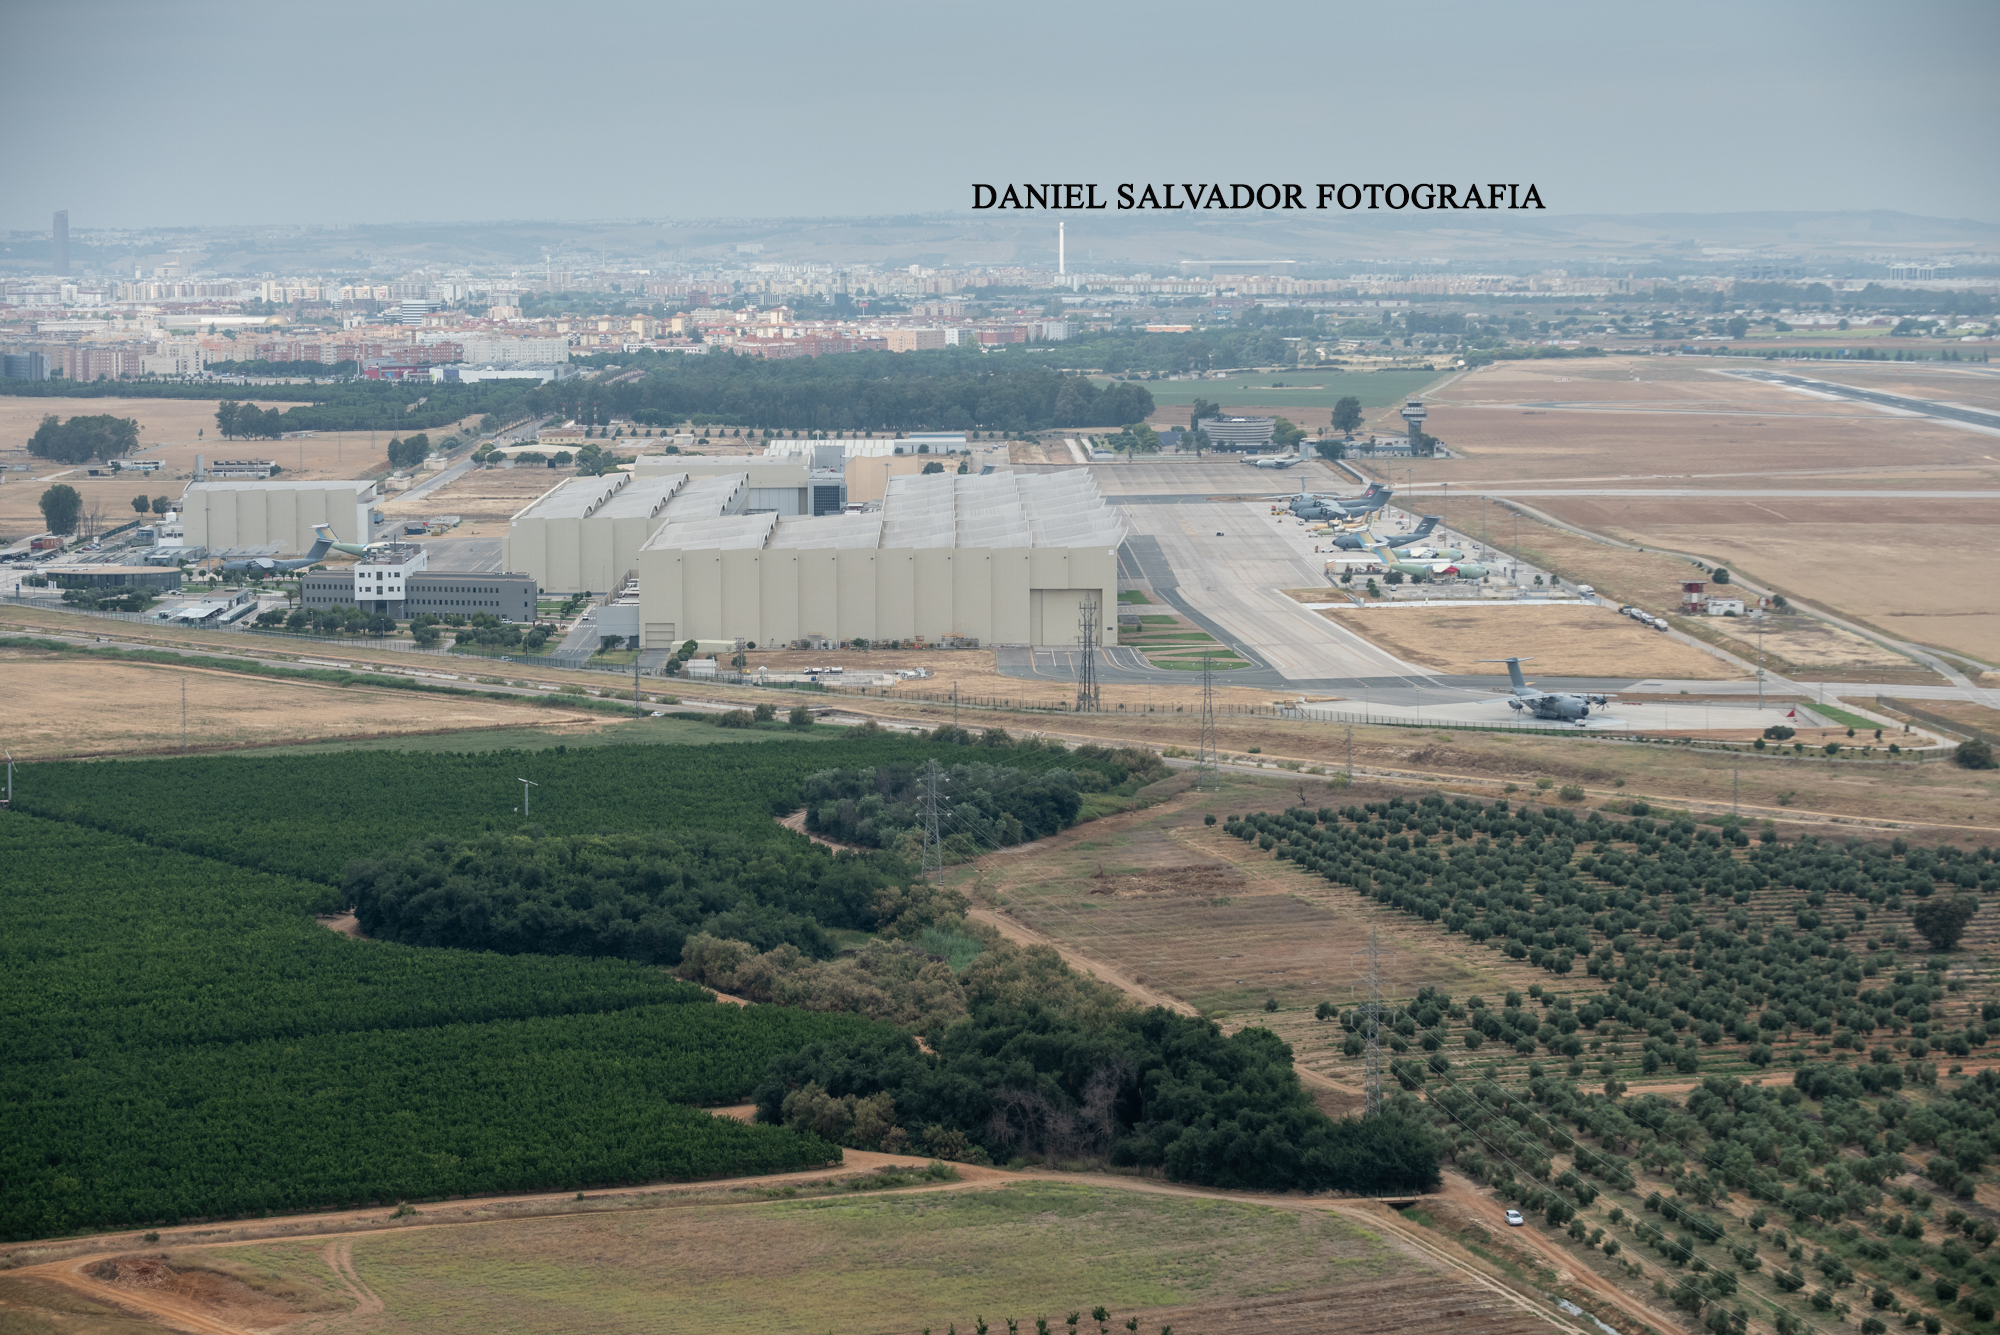 Fotografía aérea ©Daniel Salvador Fotografía